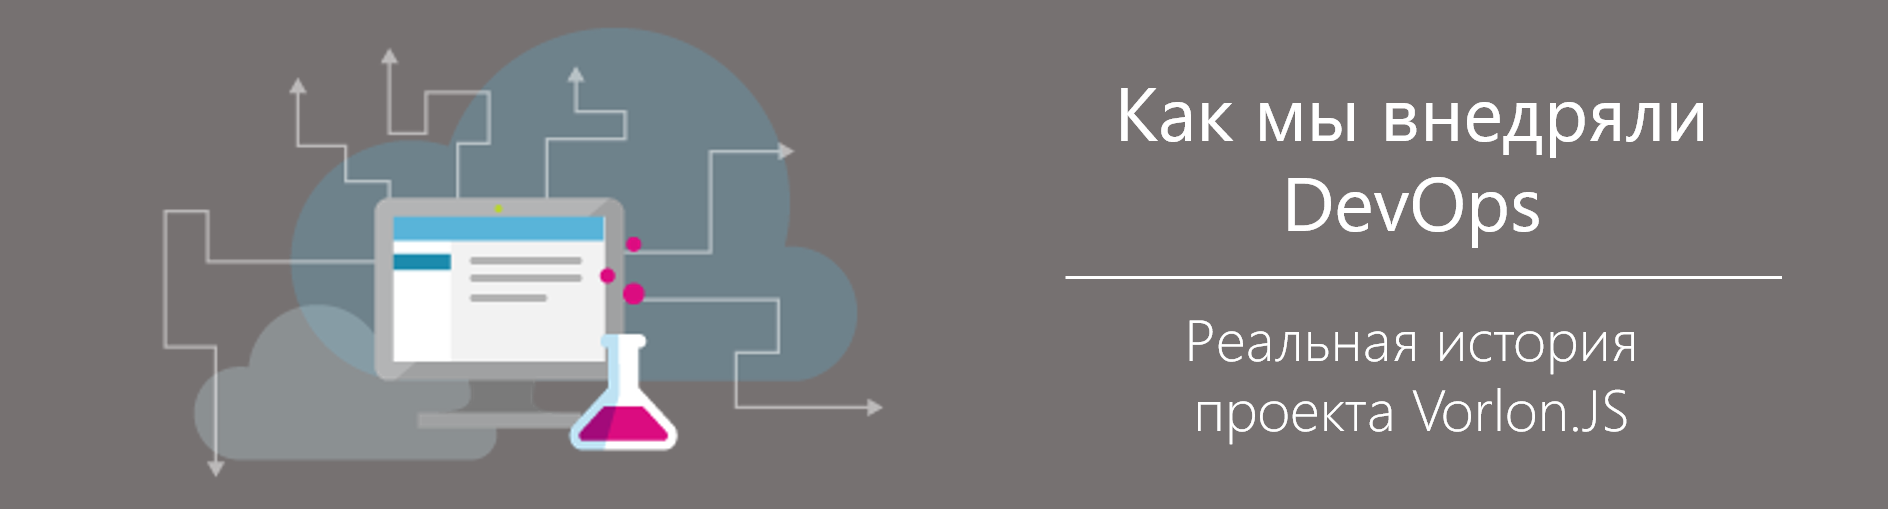 Как мы внедряли DevOps: инфраструктура-как-код с помощью Microsoft Azure и Azure Resource Manager - 1